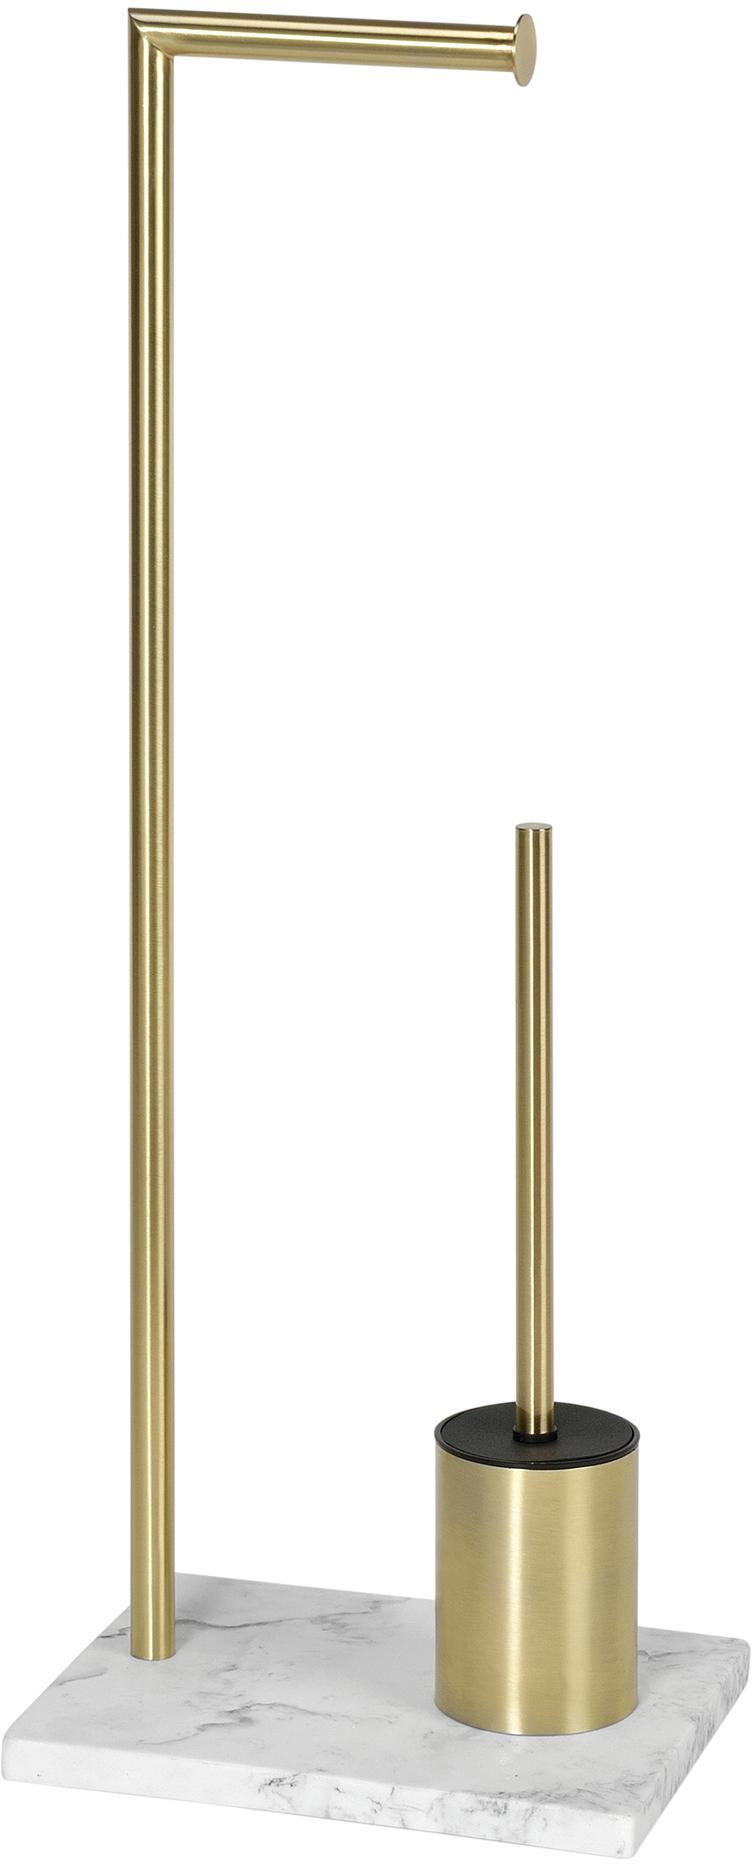 Toilettenpapierhalter Albany mit Toilettenbürste, Halter: Metall, beschichtet, Messingfarben, Weiss, 27 x 73 cm